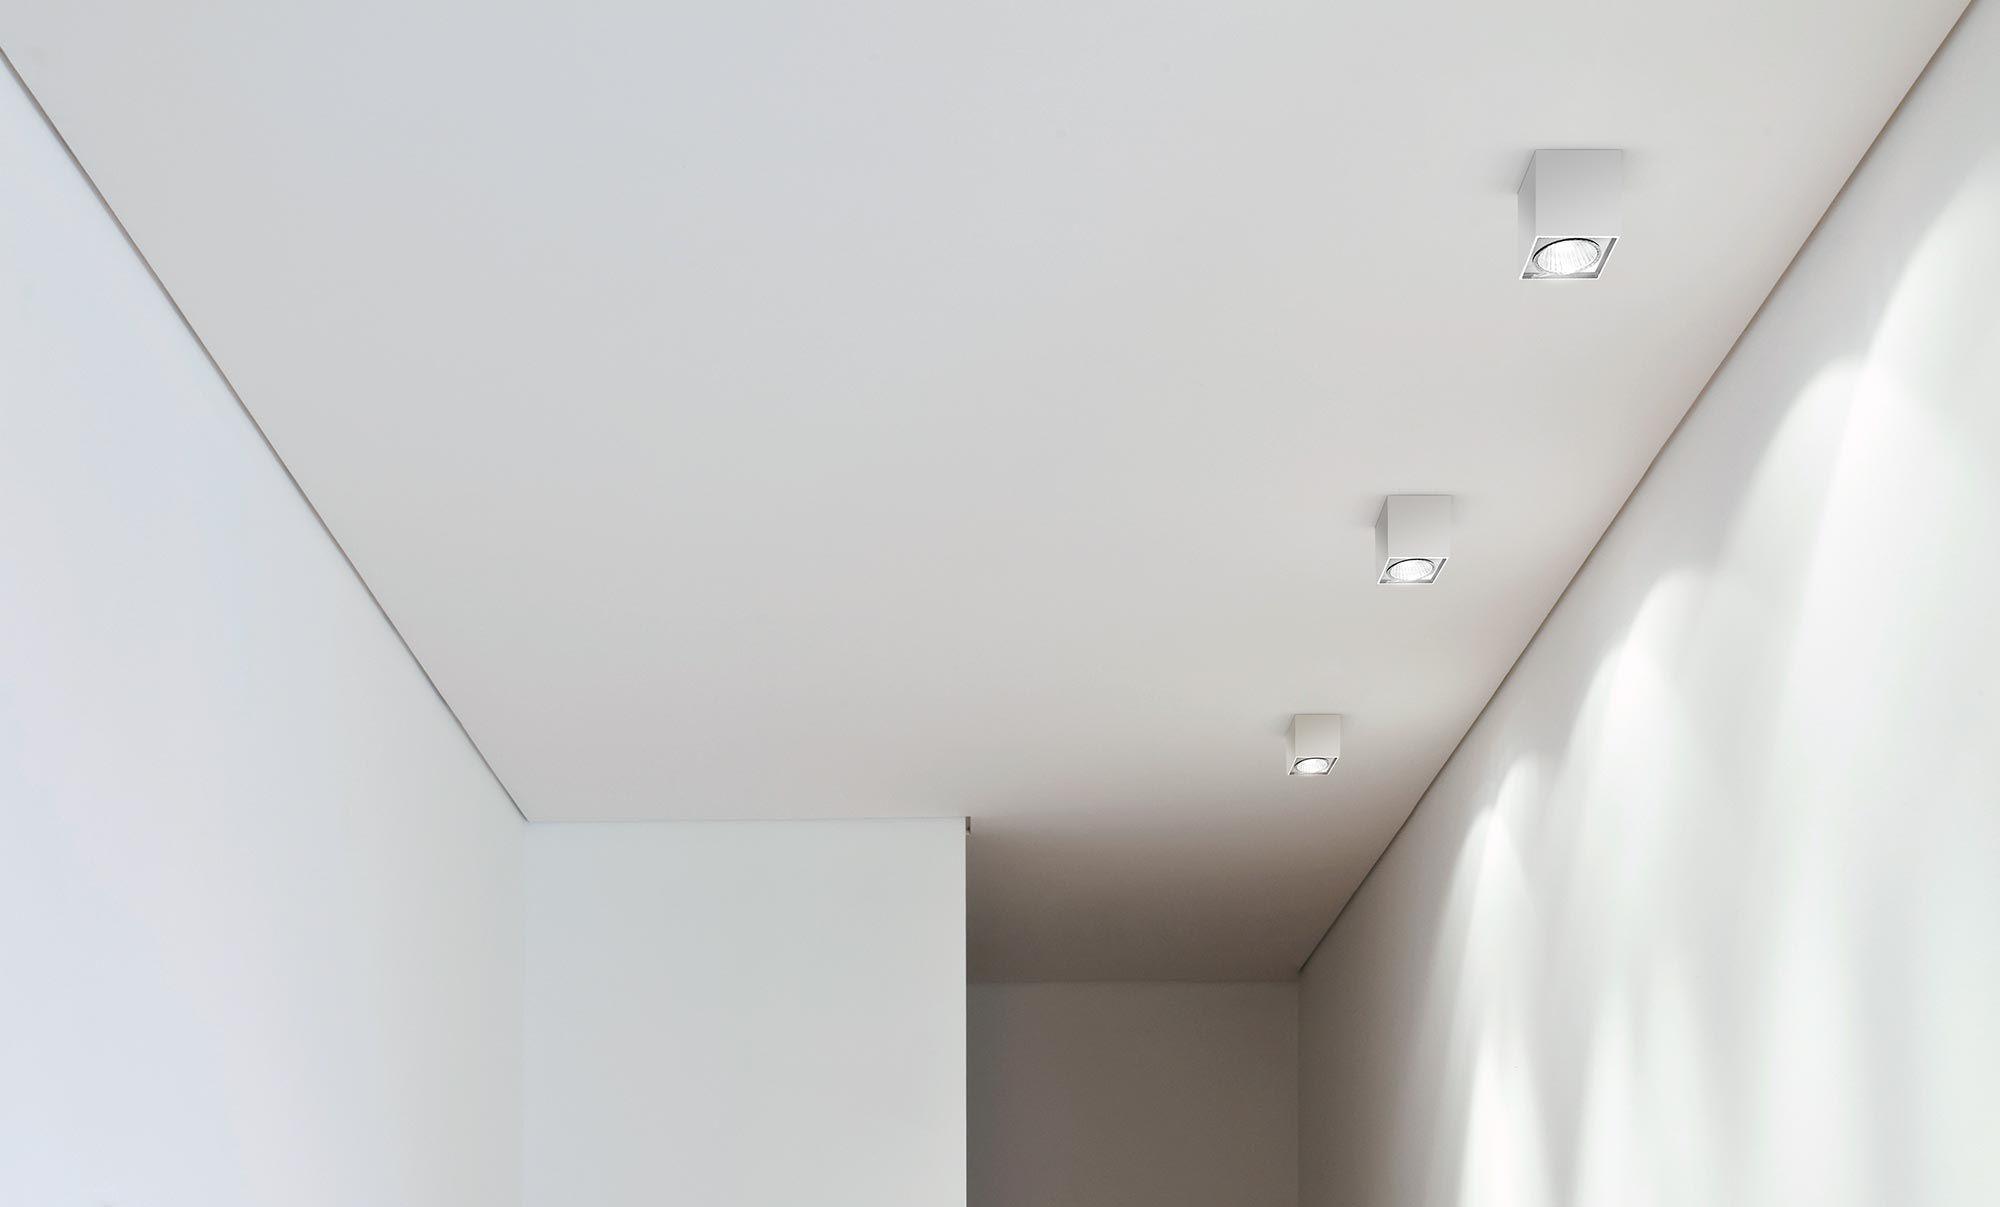 Plafoniera Tessuto Quadrata : Plafoniera moderna quadrata in alluminio led two panzeri